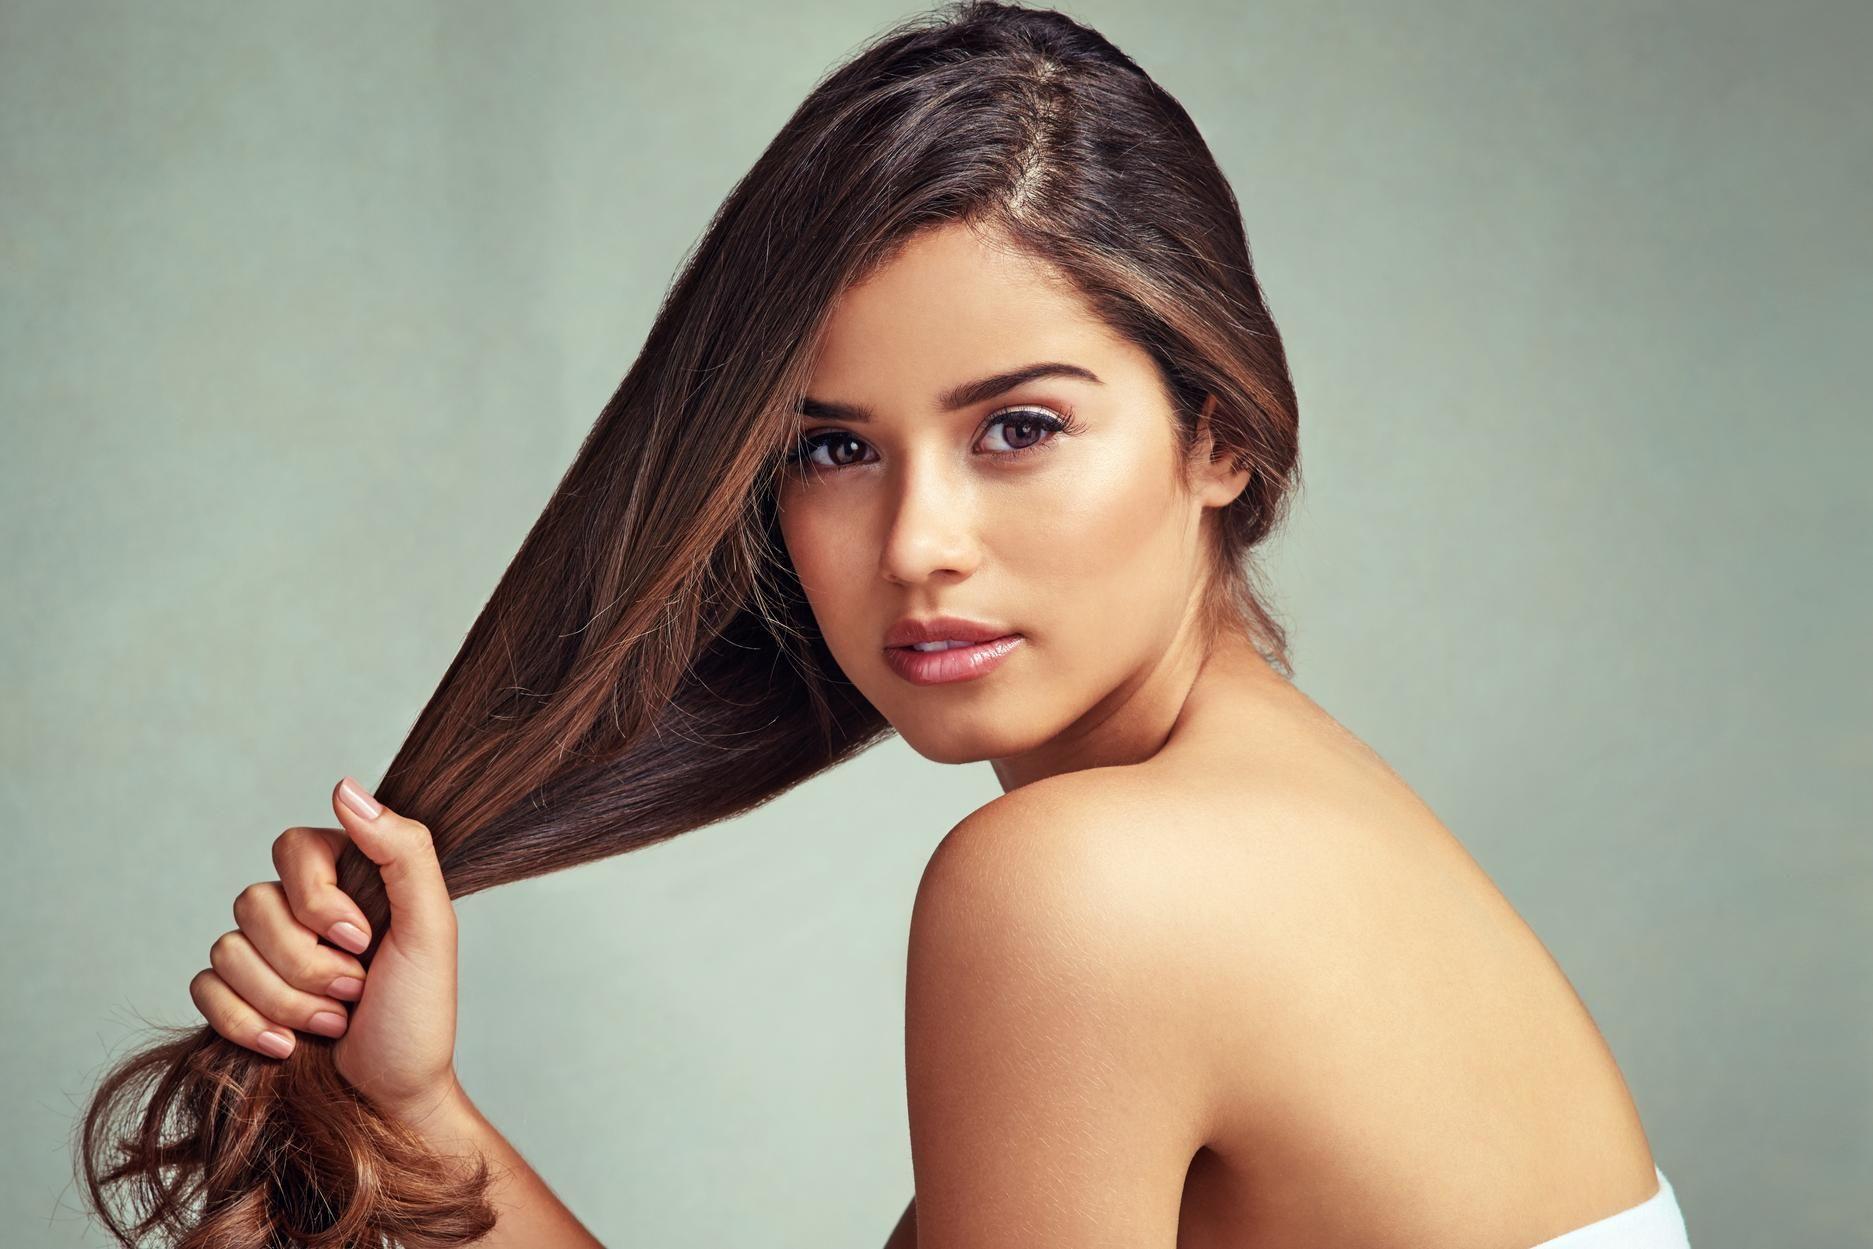 Comment faire pousser les cheveux plus vite   Toutes les astuces -  Doctissimo 3bb33140bd6d